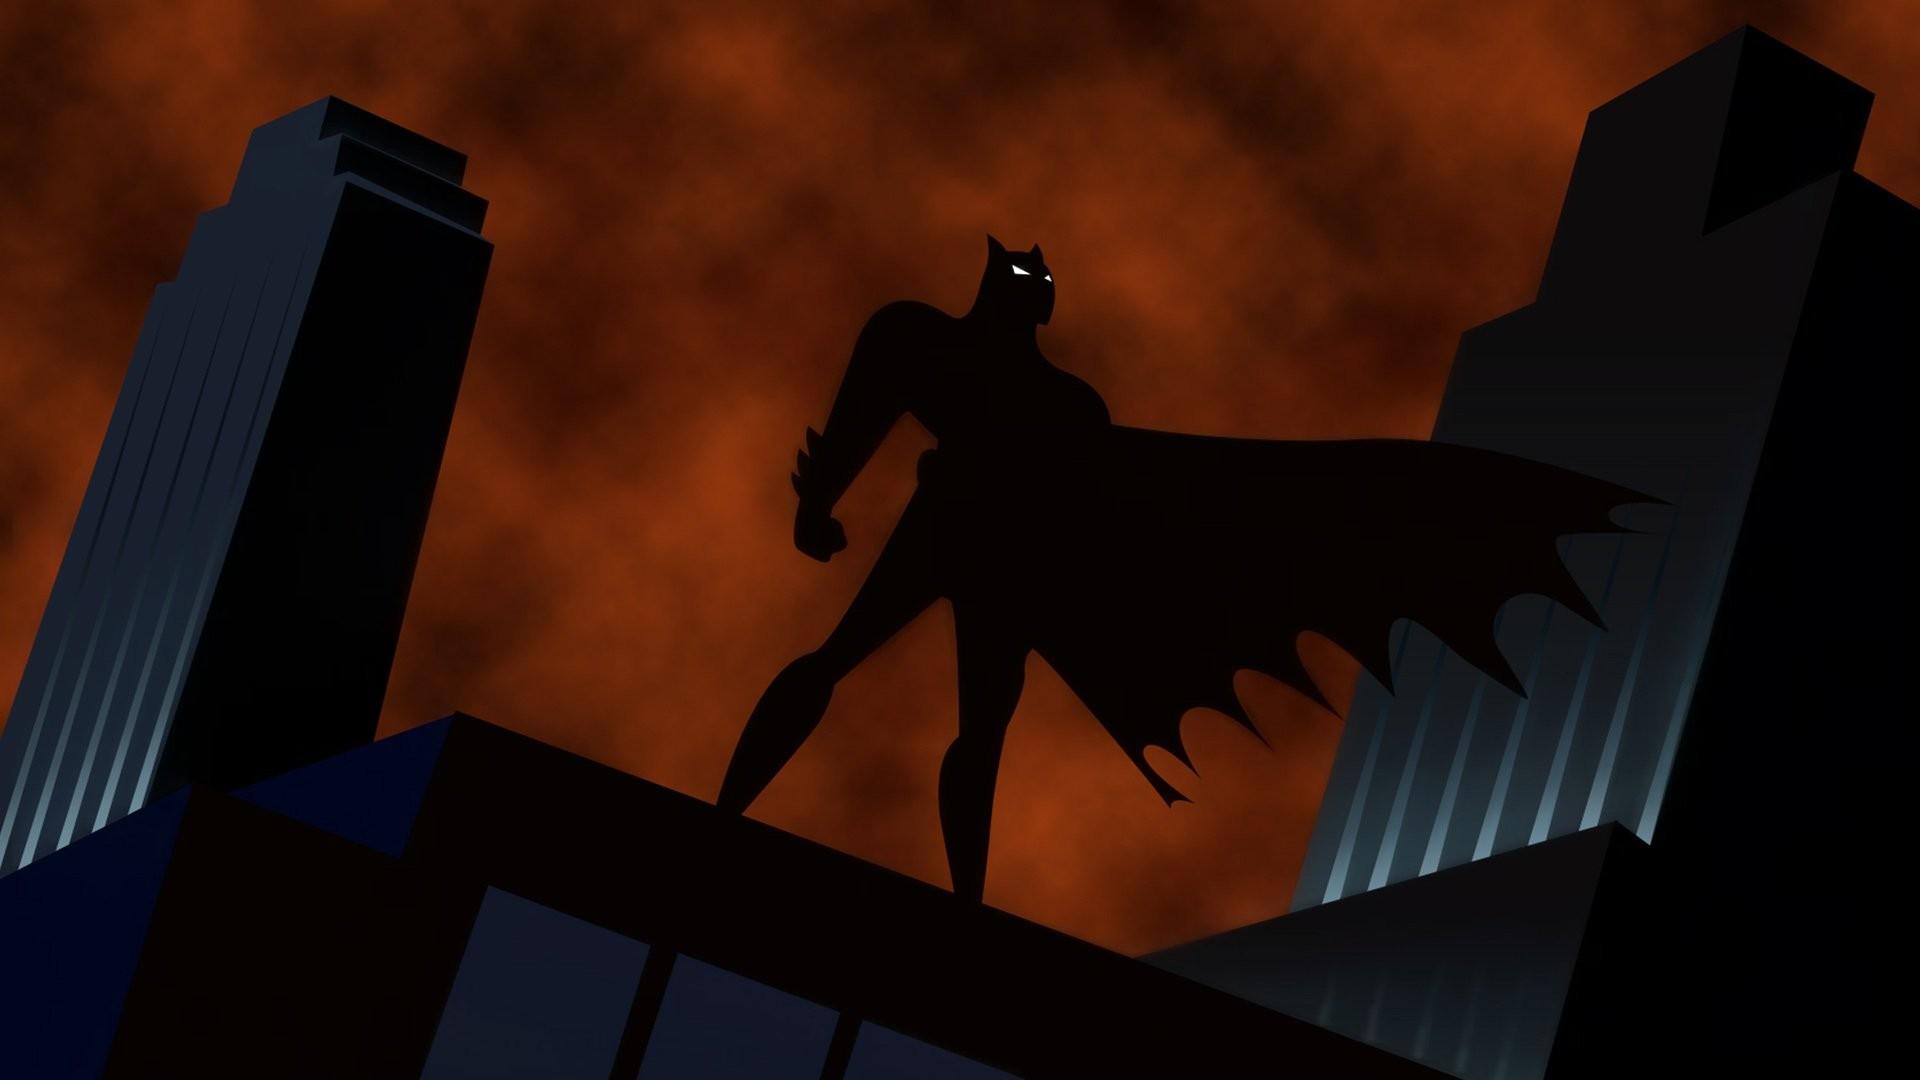 Res: 1920x1080, TV Show - Batman: The Animated Series Batman Wallpaper